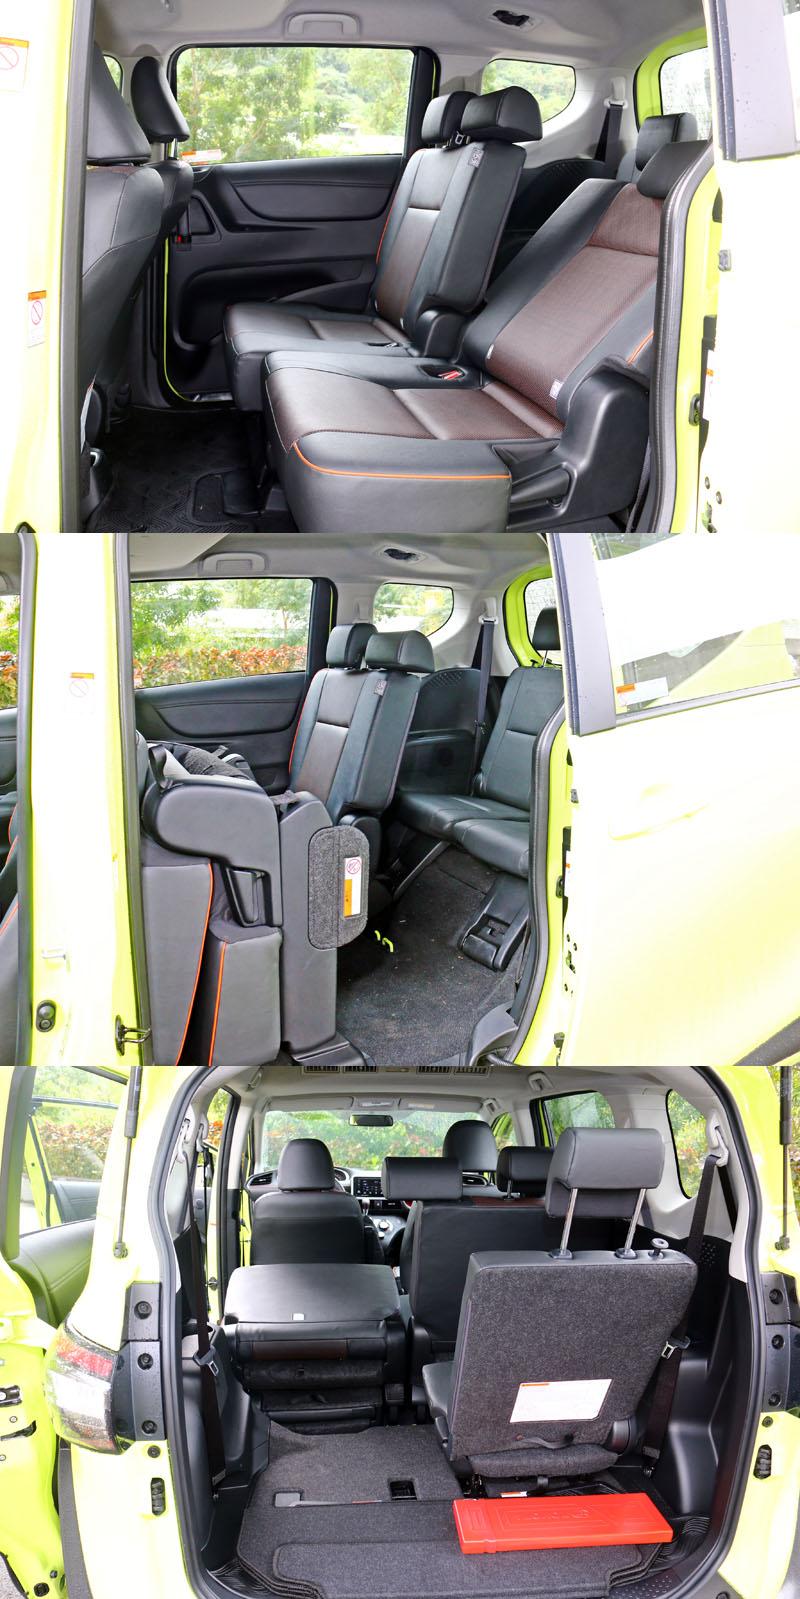 寬敞且具彈性運用的空間是Sienta最有吸引力的特色,第三排座椅可直接收納至第二排座位下方,相當便利。